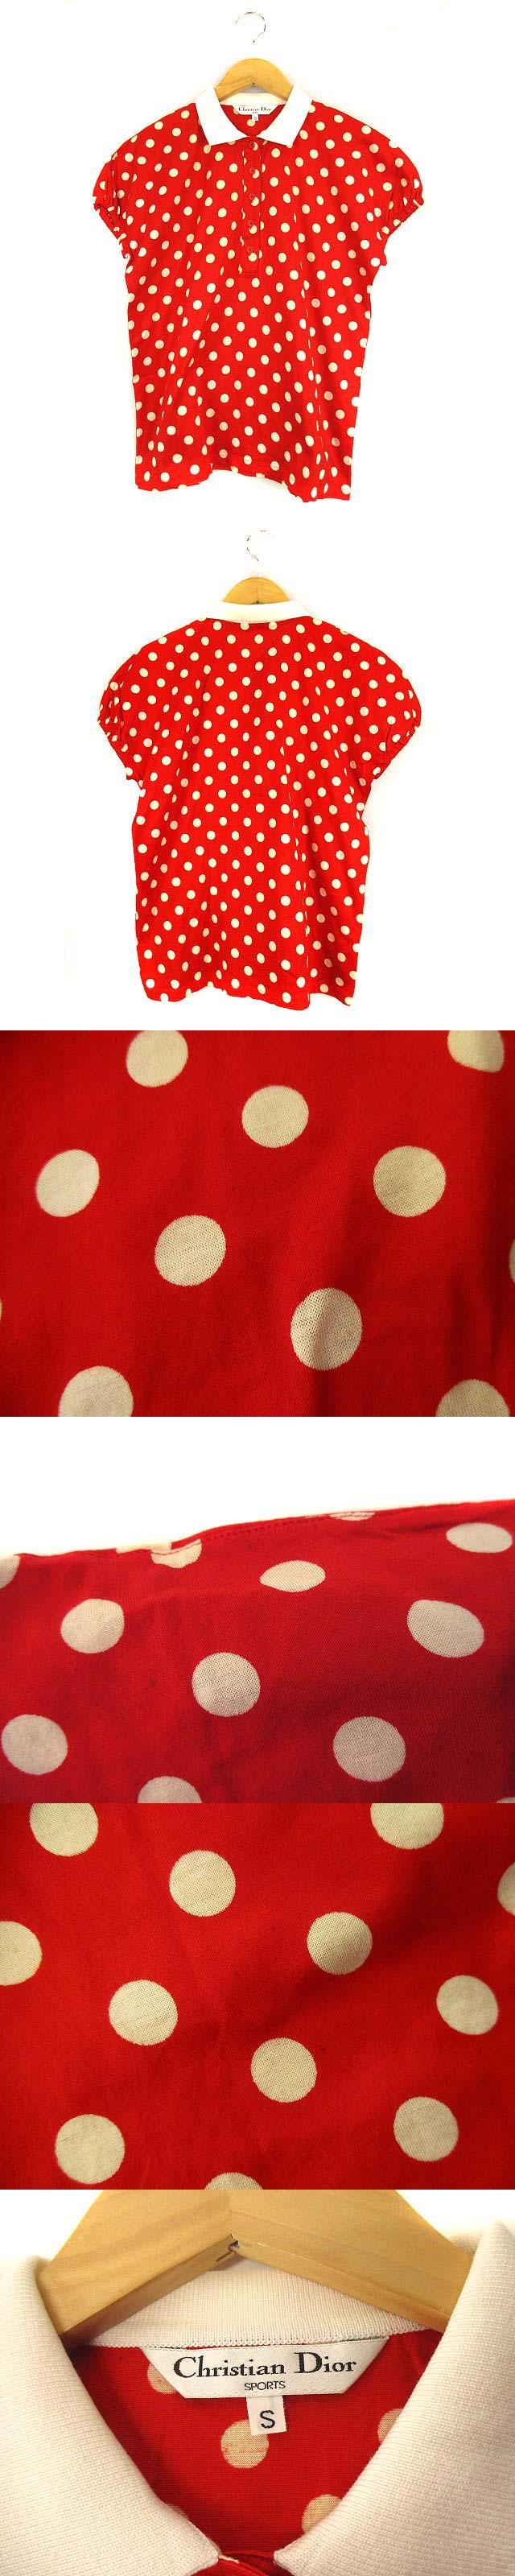 SPORTS スポーツ トップス ポロシャツ 半袖 パフスリーブ ドット柄 コットン 赤 白 S